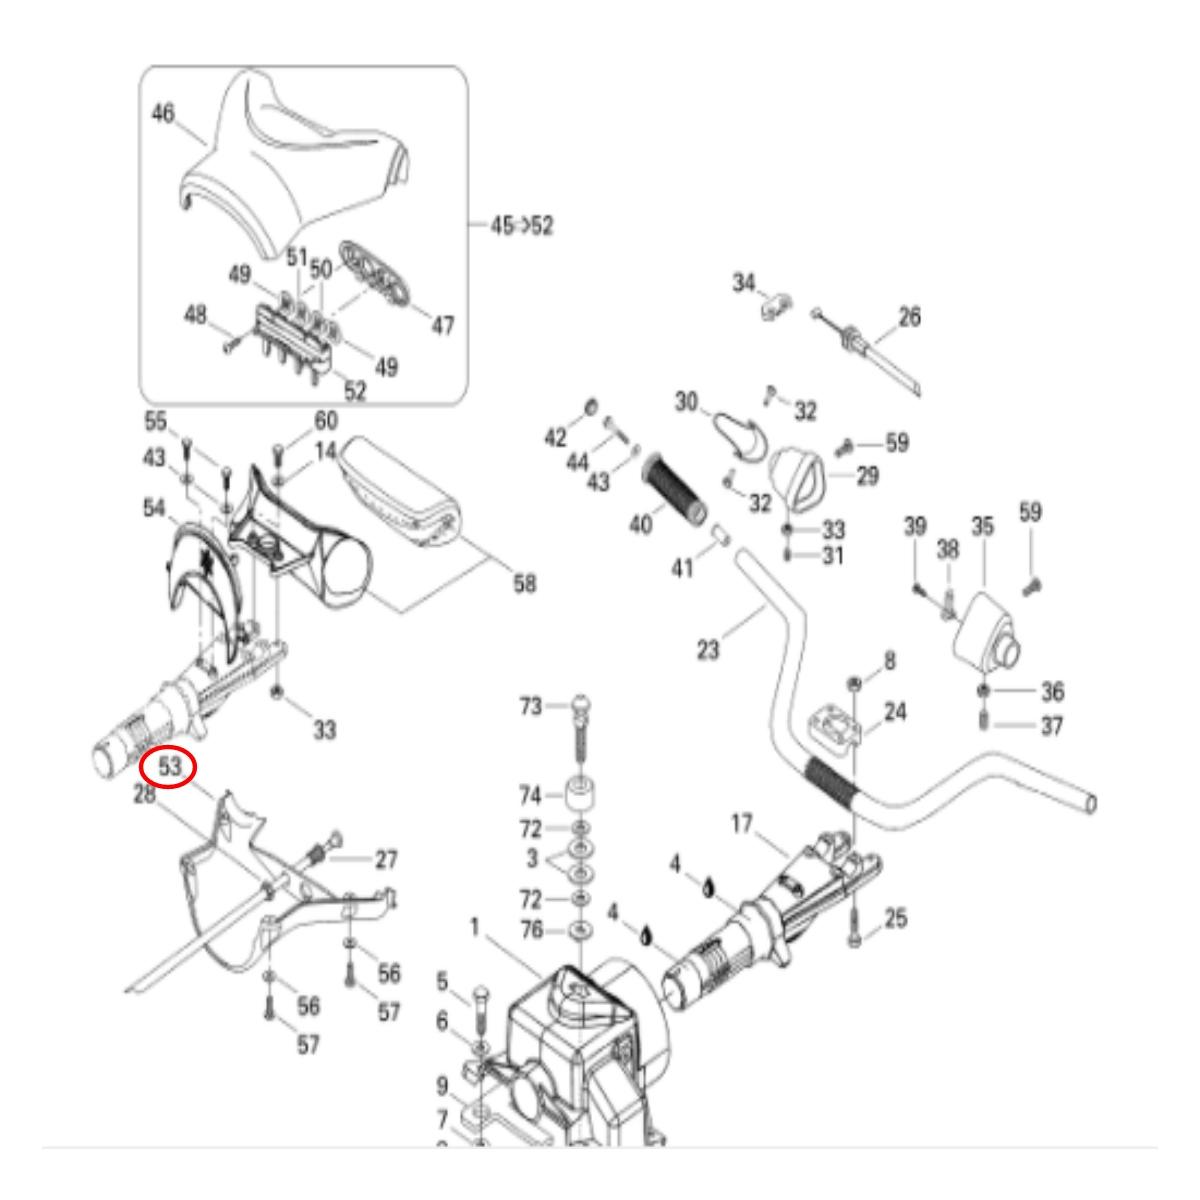 Capa para Guidão Jet Ski Sea Doo GTX 96 Verde Inferior  - Radical Peças - Peças para Jet Ski